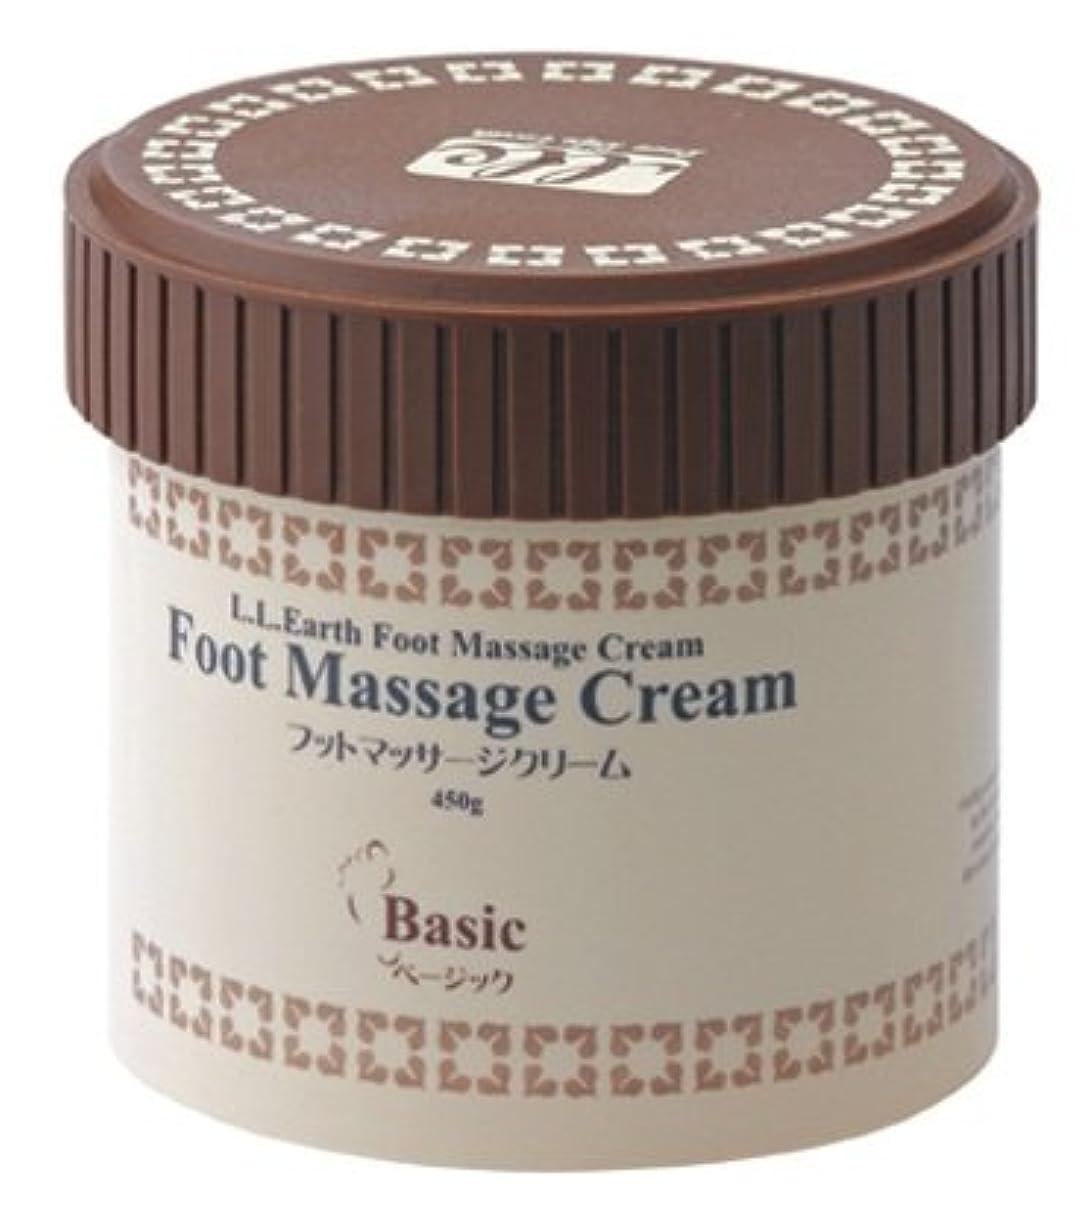 人類後方暖かさLLE 業務用 フットマッサージクリーム 450g [香り2種類] (フットマッサージ専用) ベーシック